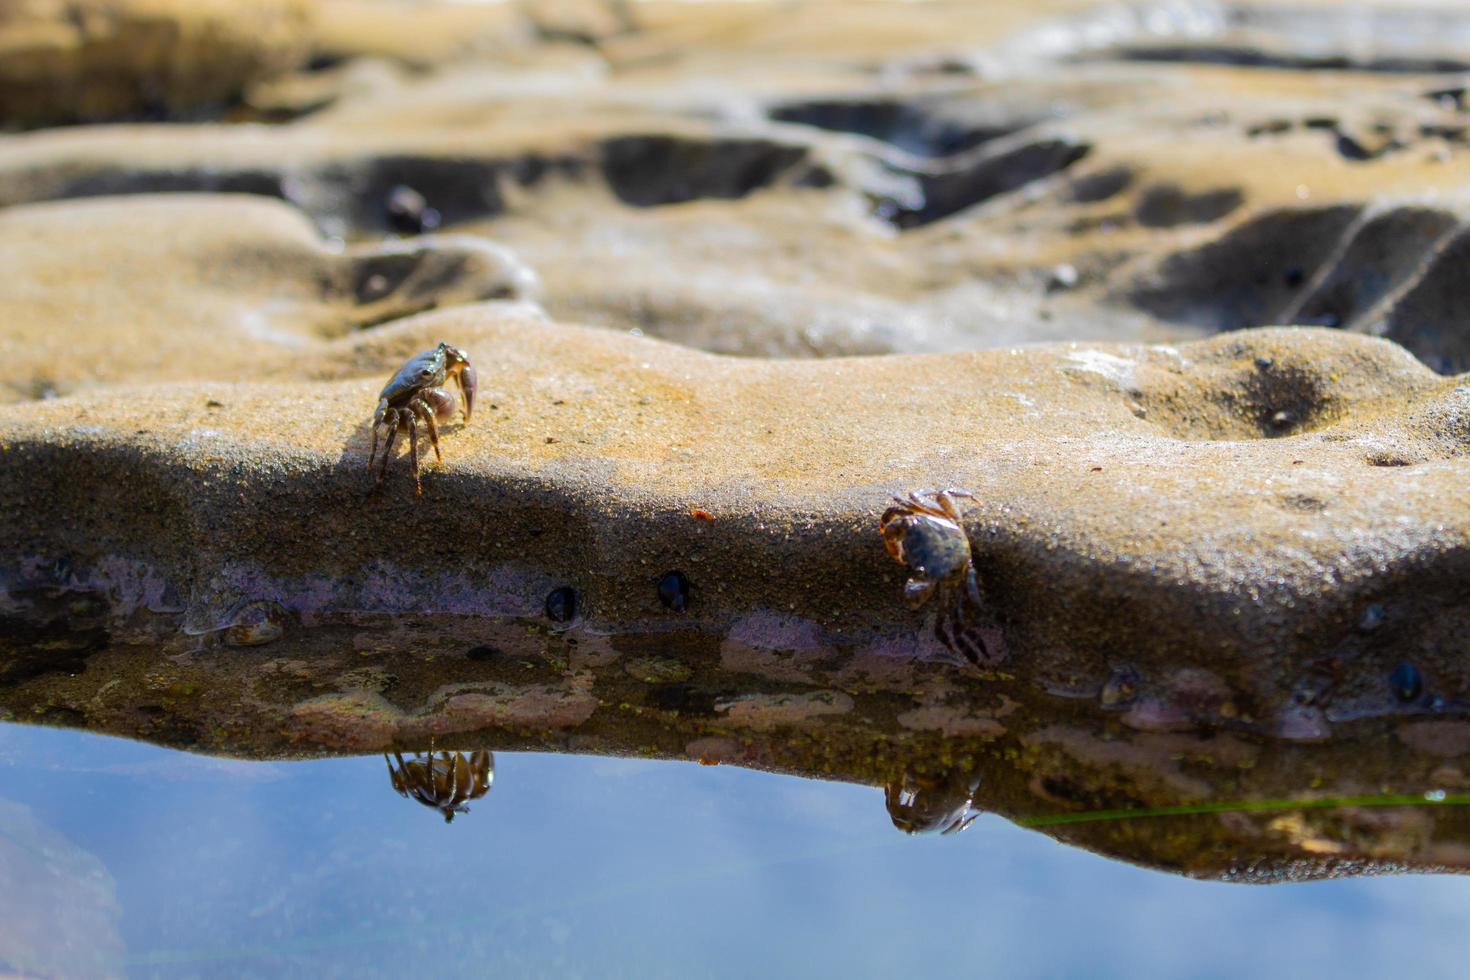 zwei Krabben in der Nähe von Wasser foto